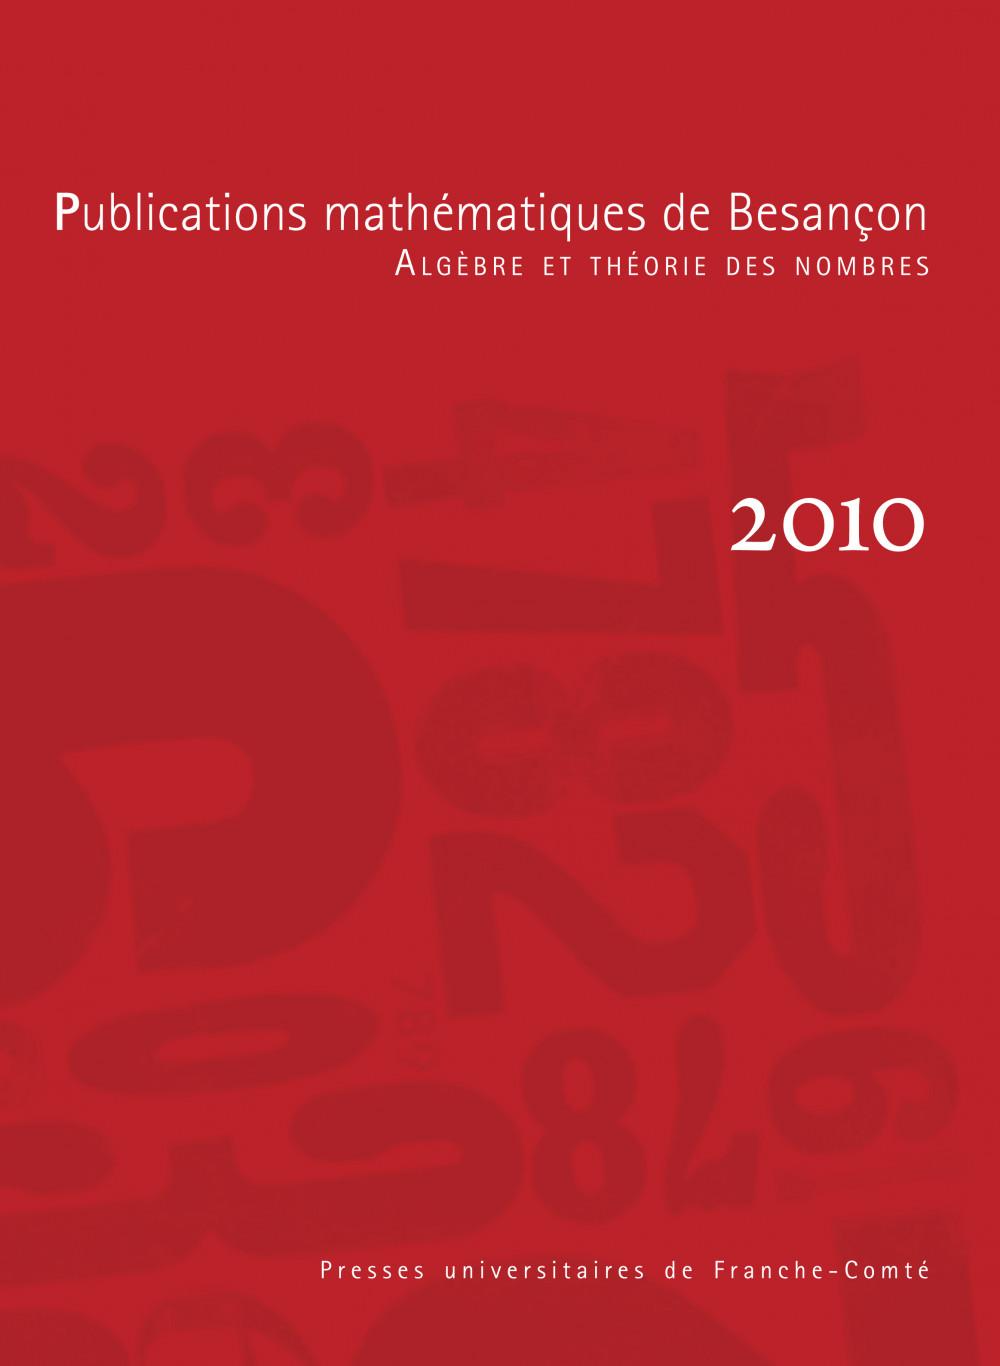 Publications mathématiques de Besançon - Algèbre et théorie des nombres - numéro 2010